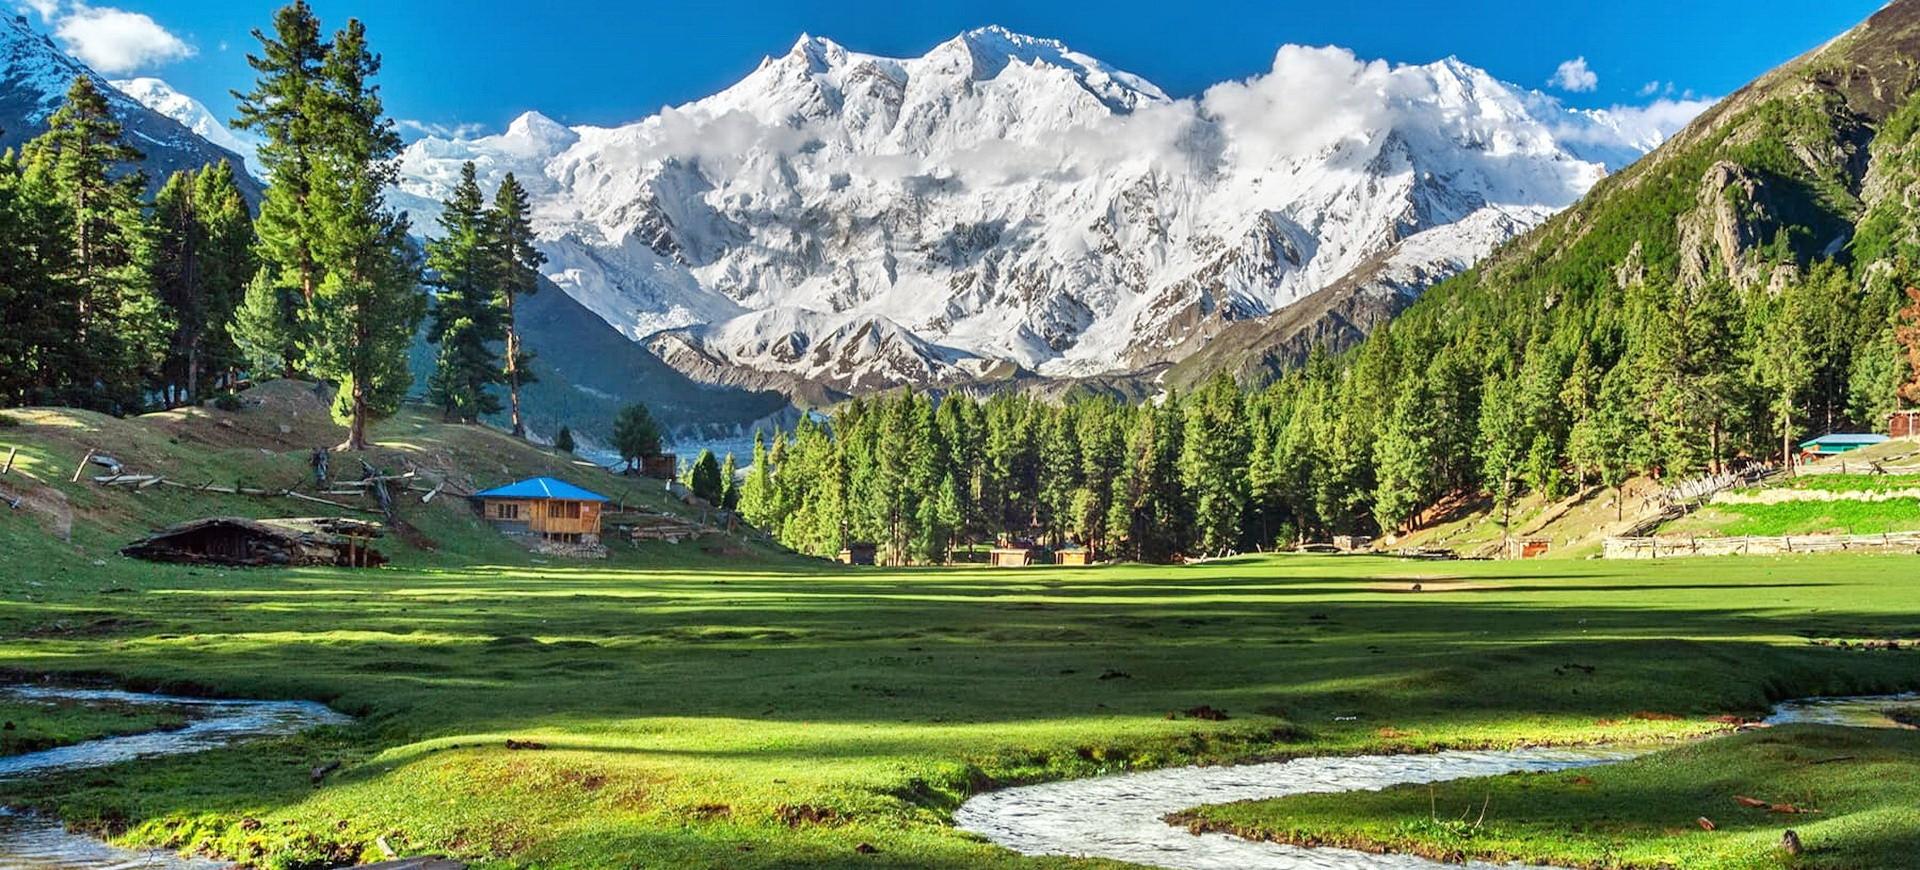 Nos voyages et séjours au Pakistan